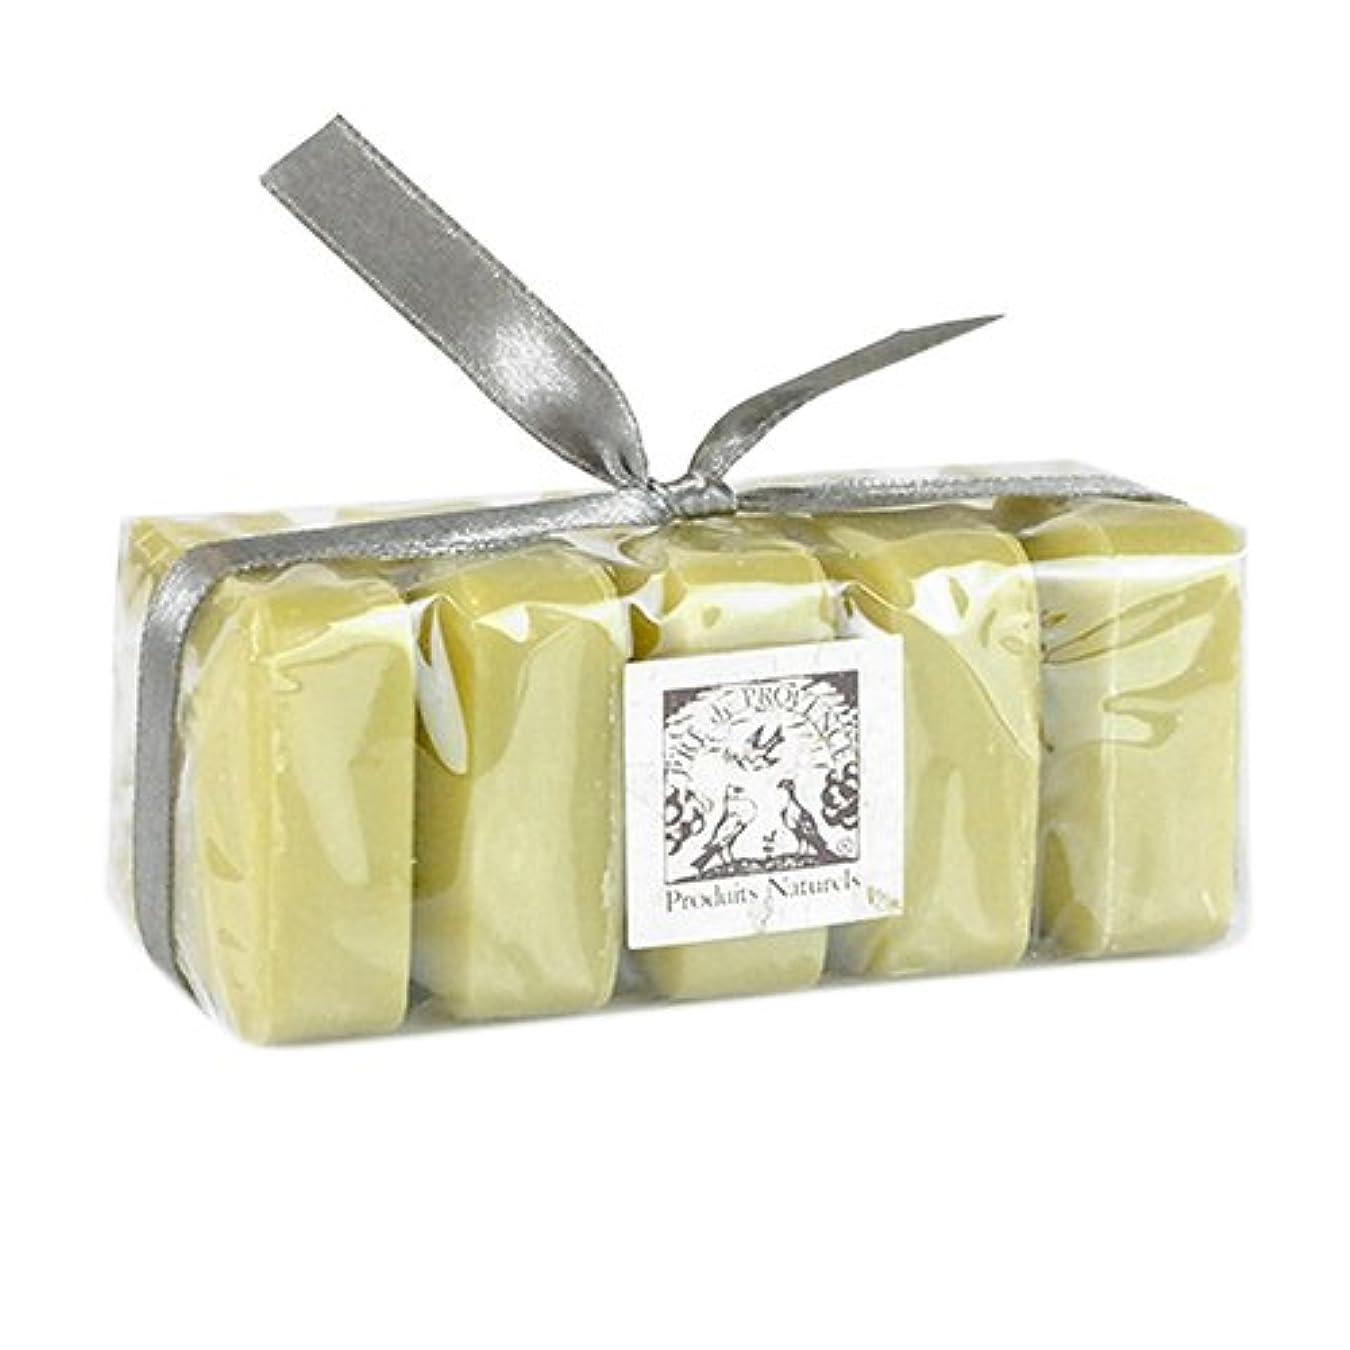 社交的事実上祝福PRE de PROVENCE シアバター エンリッチドソープ ギフトパック バーベナ VERBENA プレ ドゥ プロヴァンス Shea Butter Enriched Soap